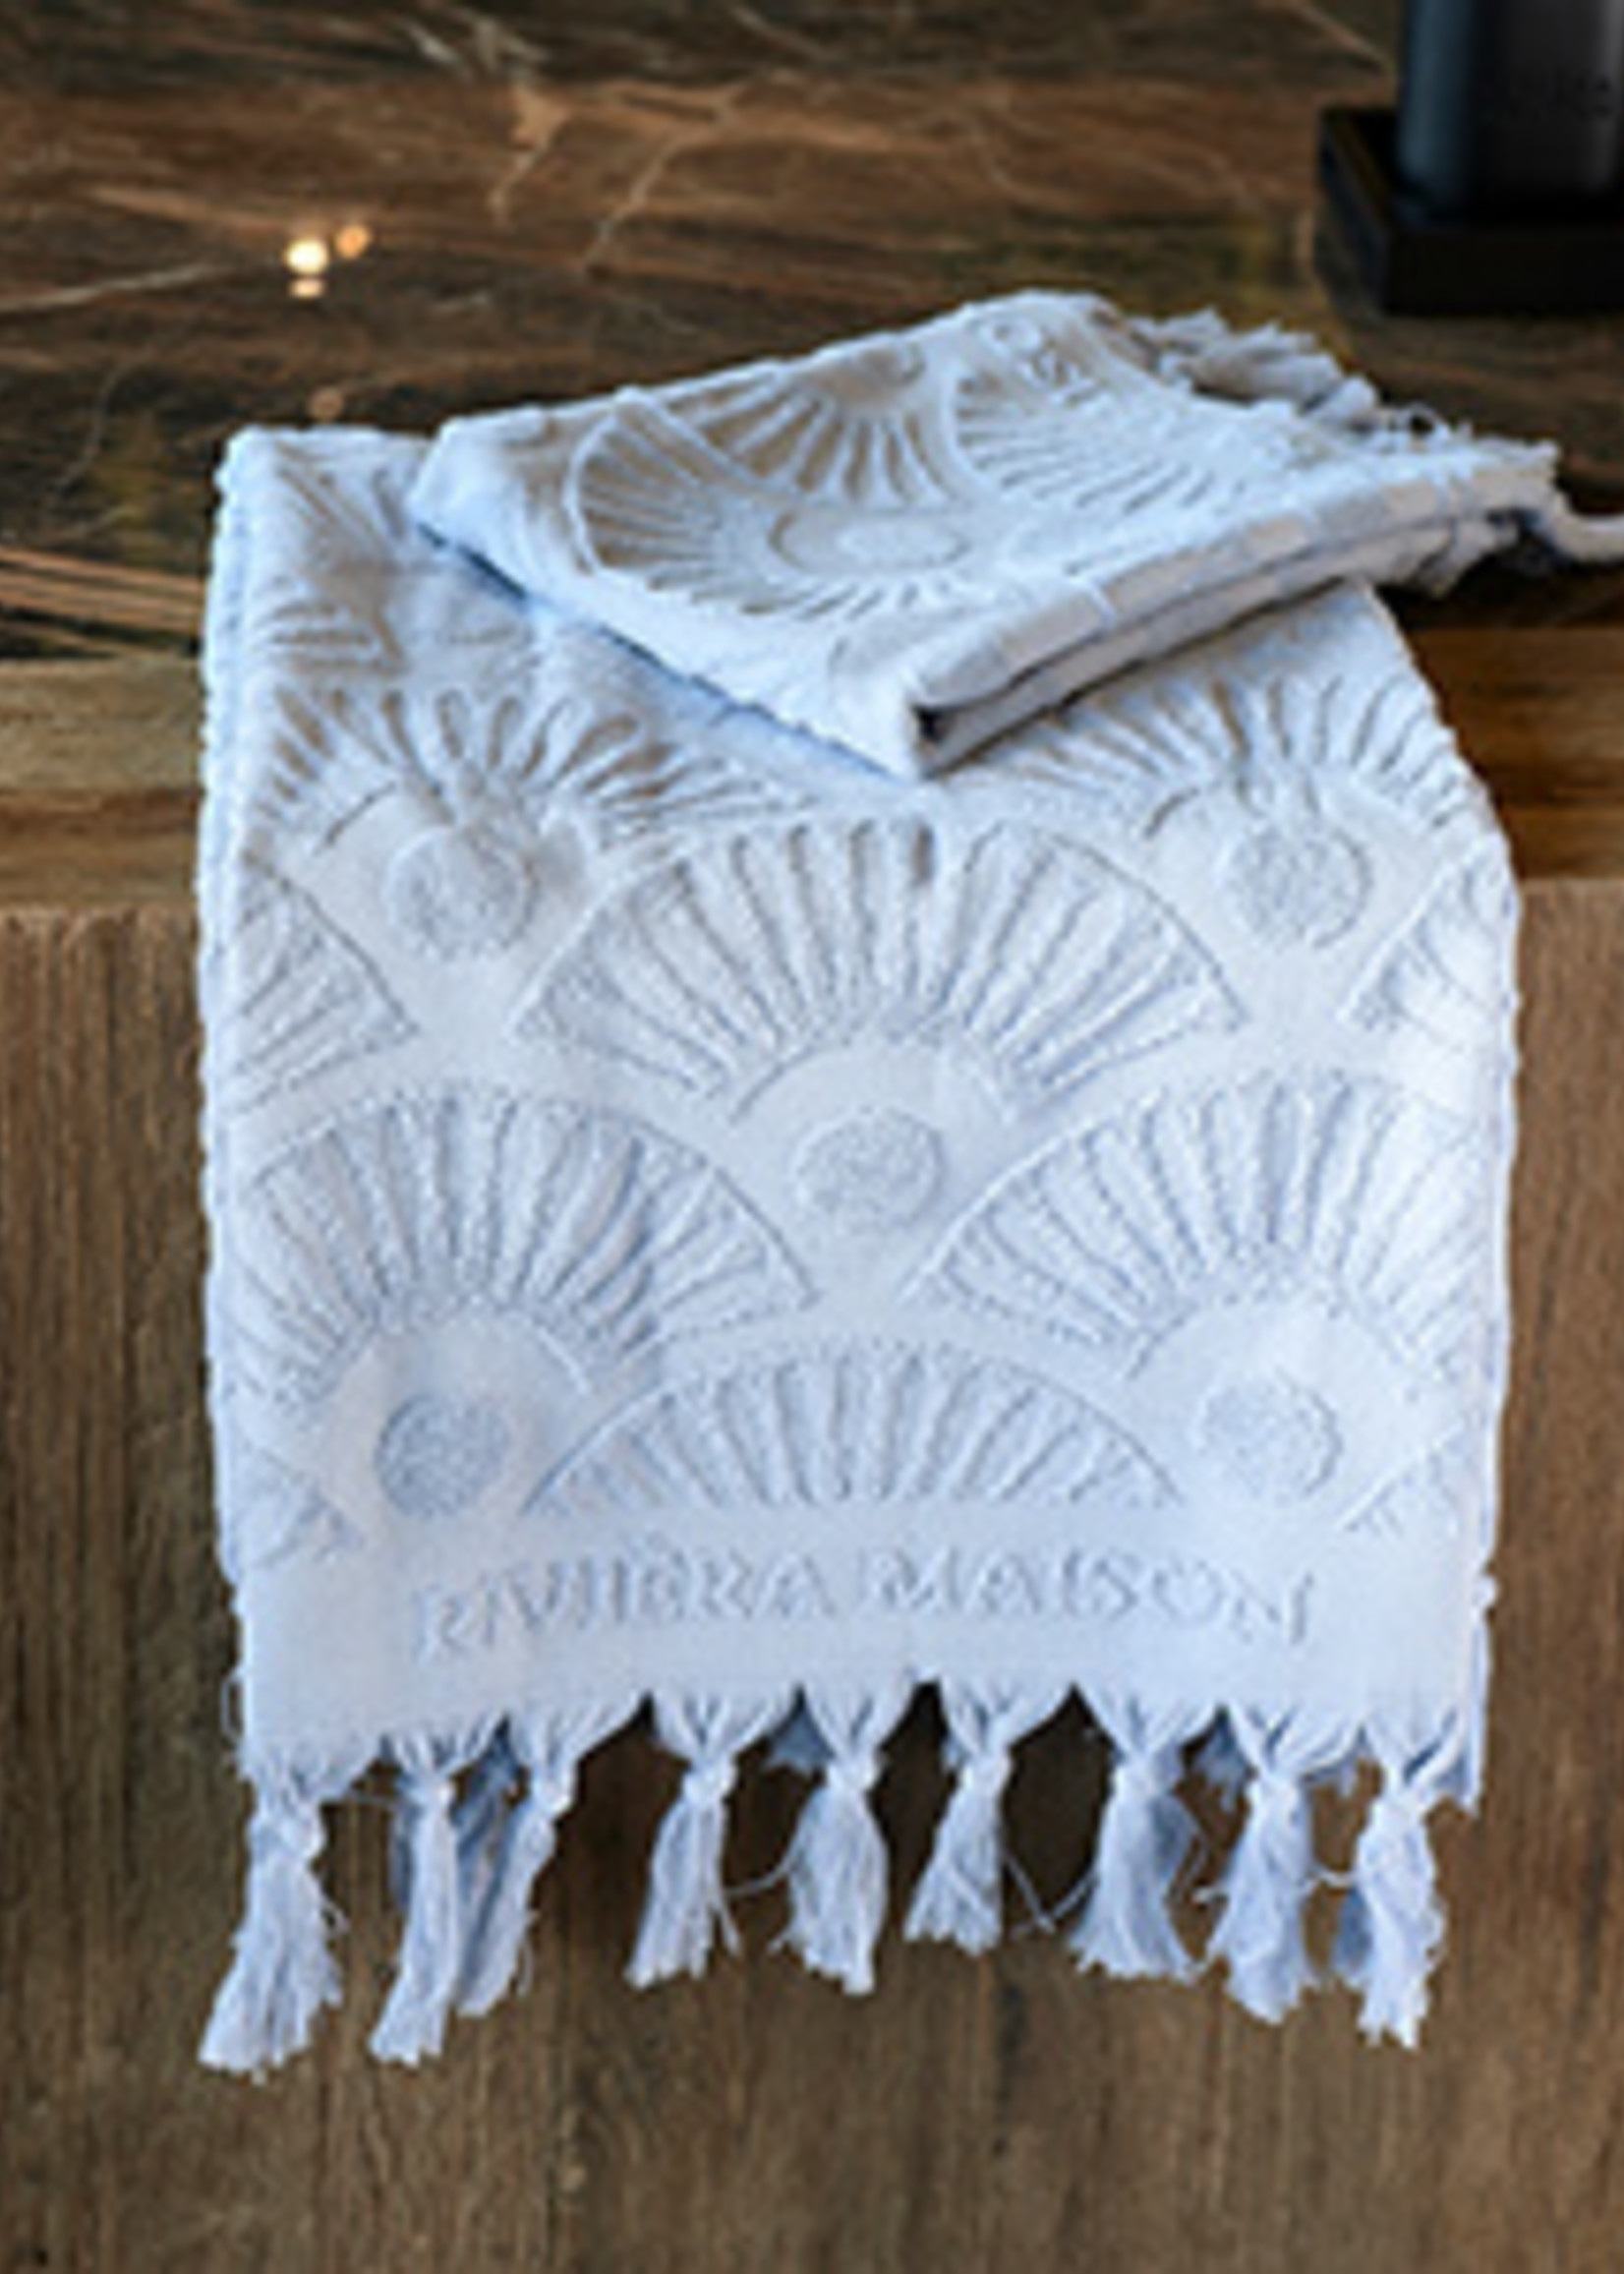 Riviera Maison RM Wave Towel light blue 100x50